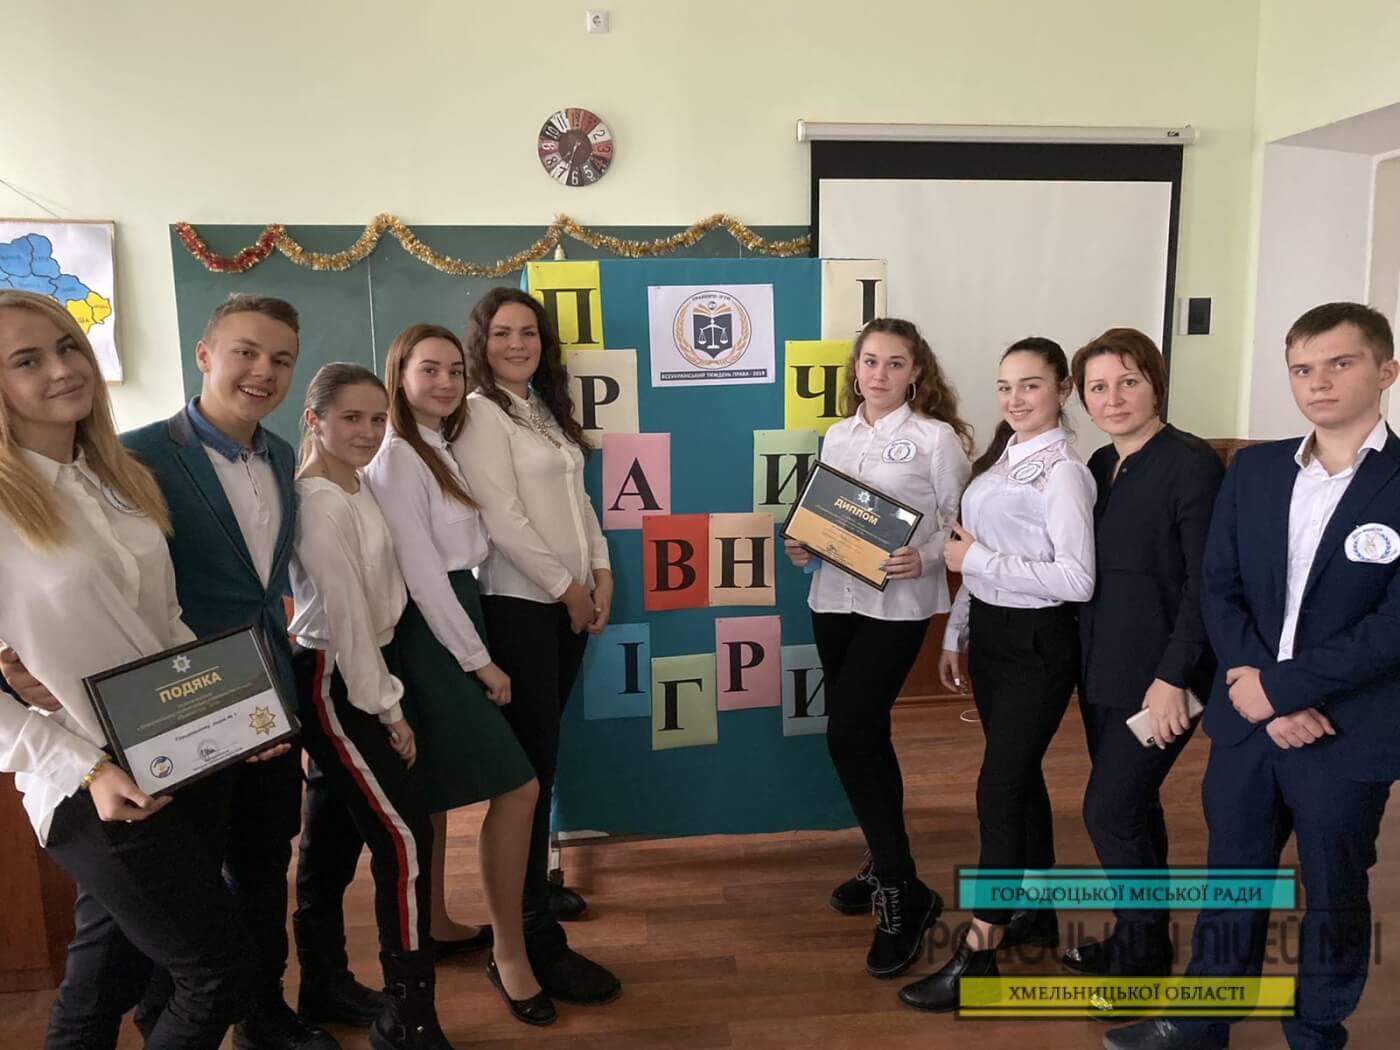 zobrazhennya viber 2019 12 13 18 45 53 - Інтелектуально-розважальний конкурс «Правничі ігри»